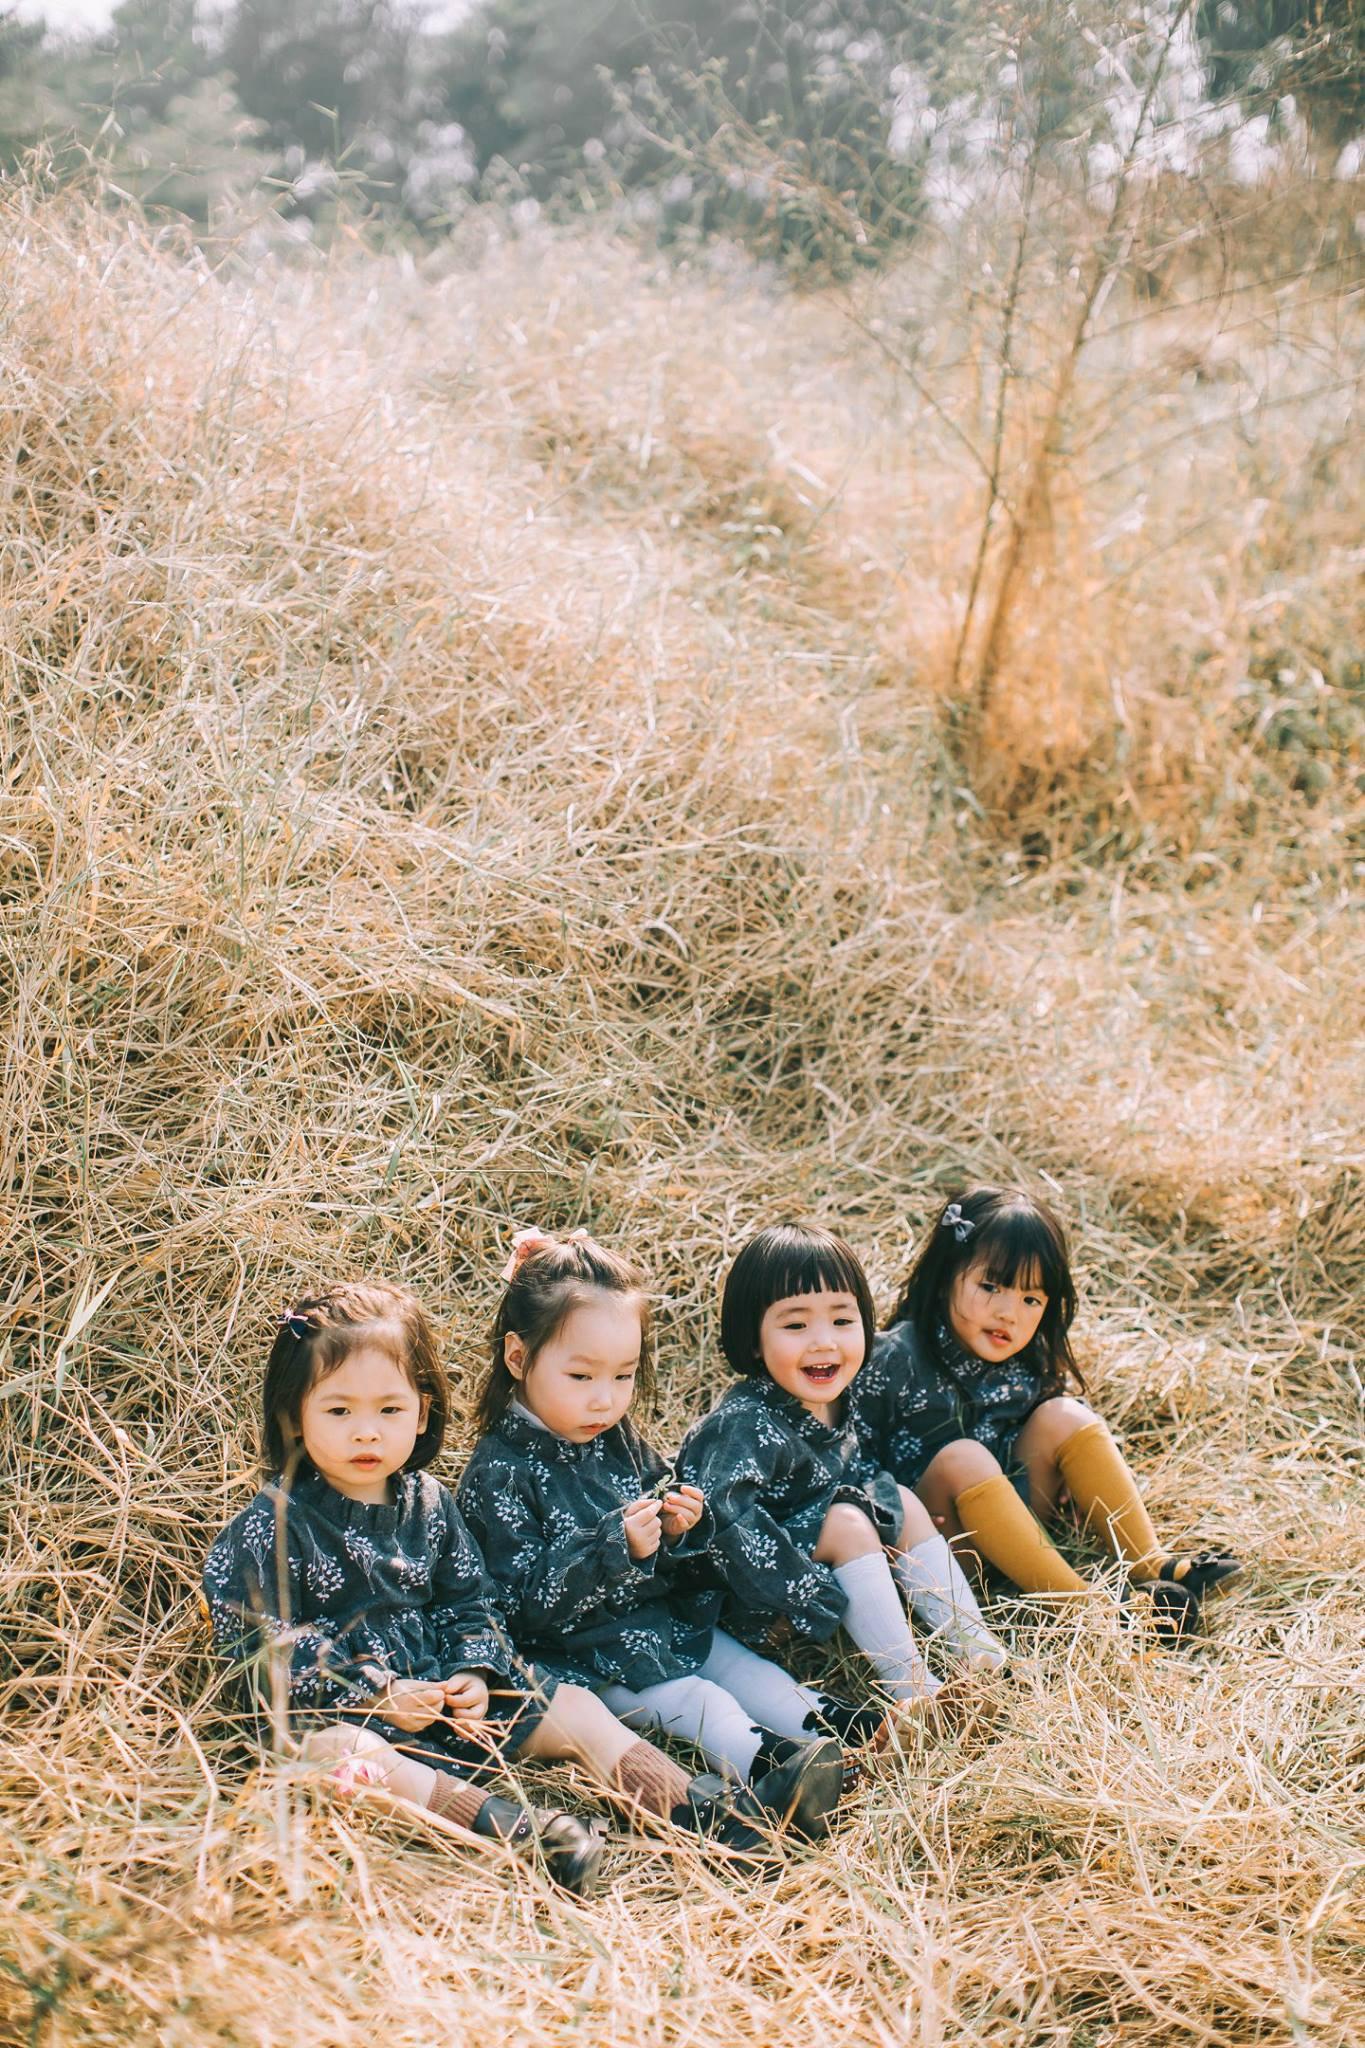 Mẹ chơi với nhau thời ĐH, lên 3 tuổi các con đã có bộ ảnh cùng hội bạn thân siêu đáng yêu - Ảnh 8.